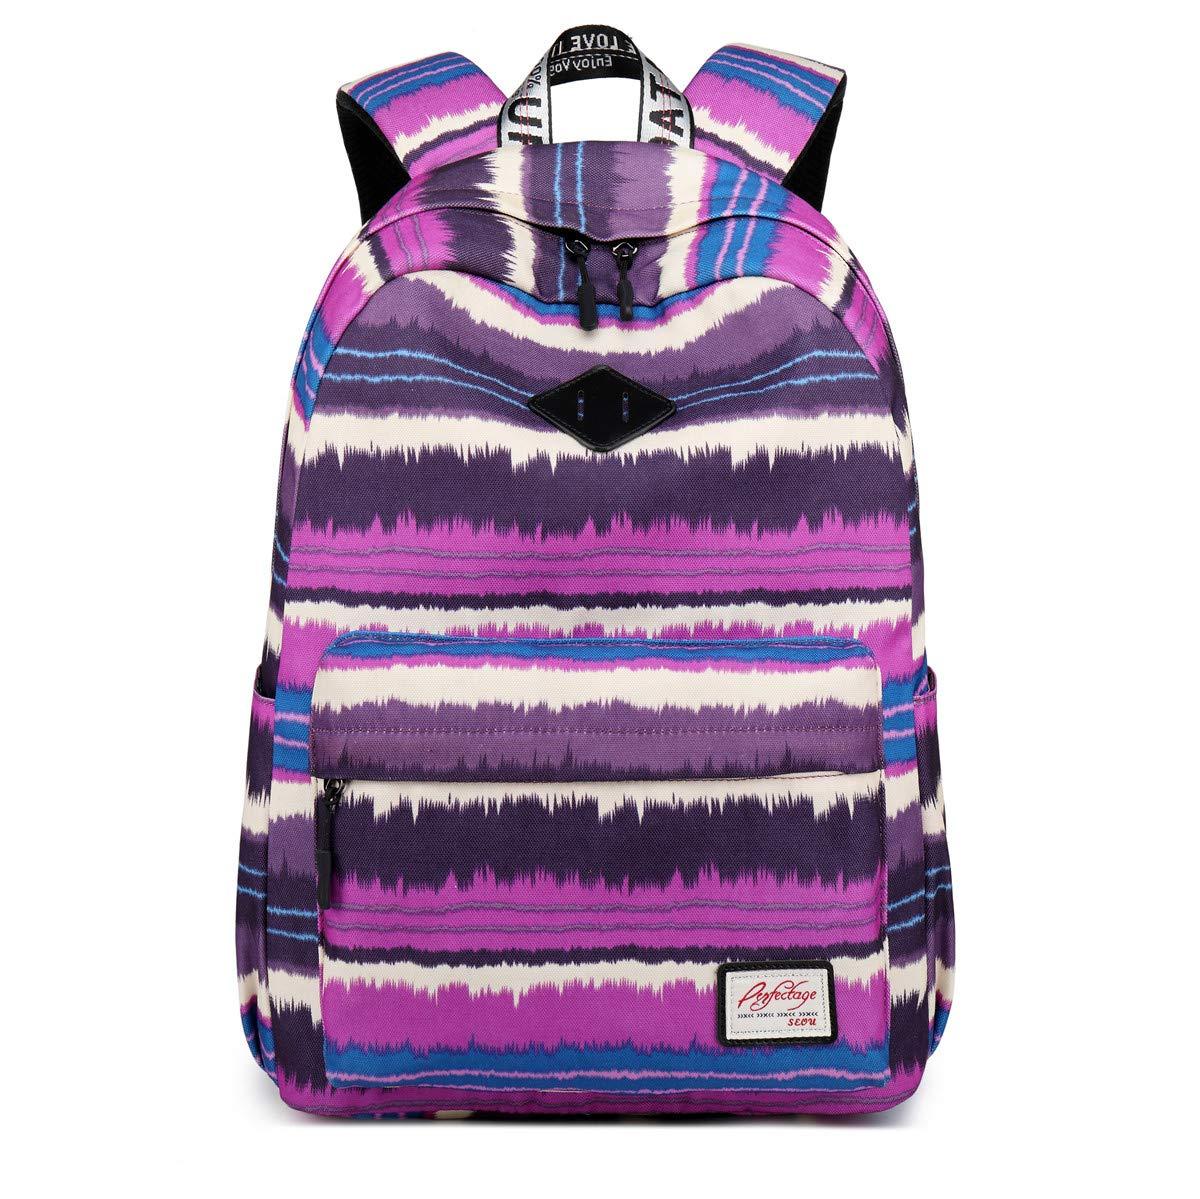 Purple School Bag For Girls Oxford Waterproof Leisure Backpack Large Capacity Double Shoulder Bag,bluee